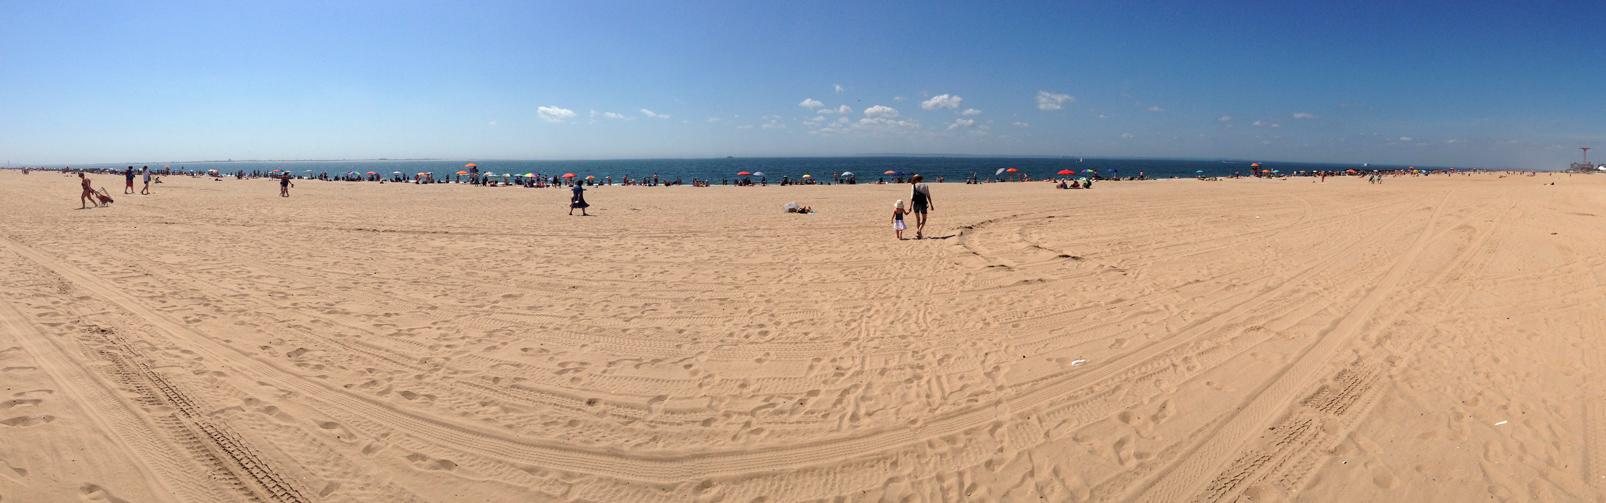 Panorama of Brighton Beach, Brooklyn, NY, 2013